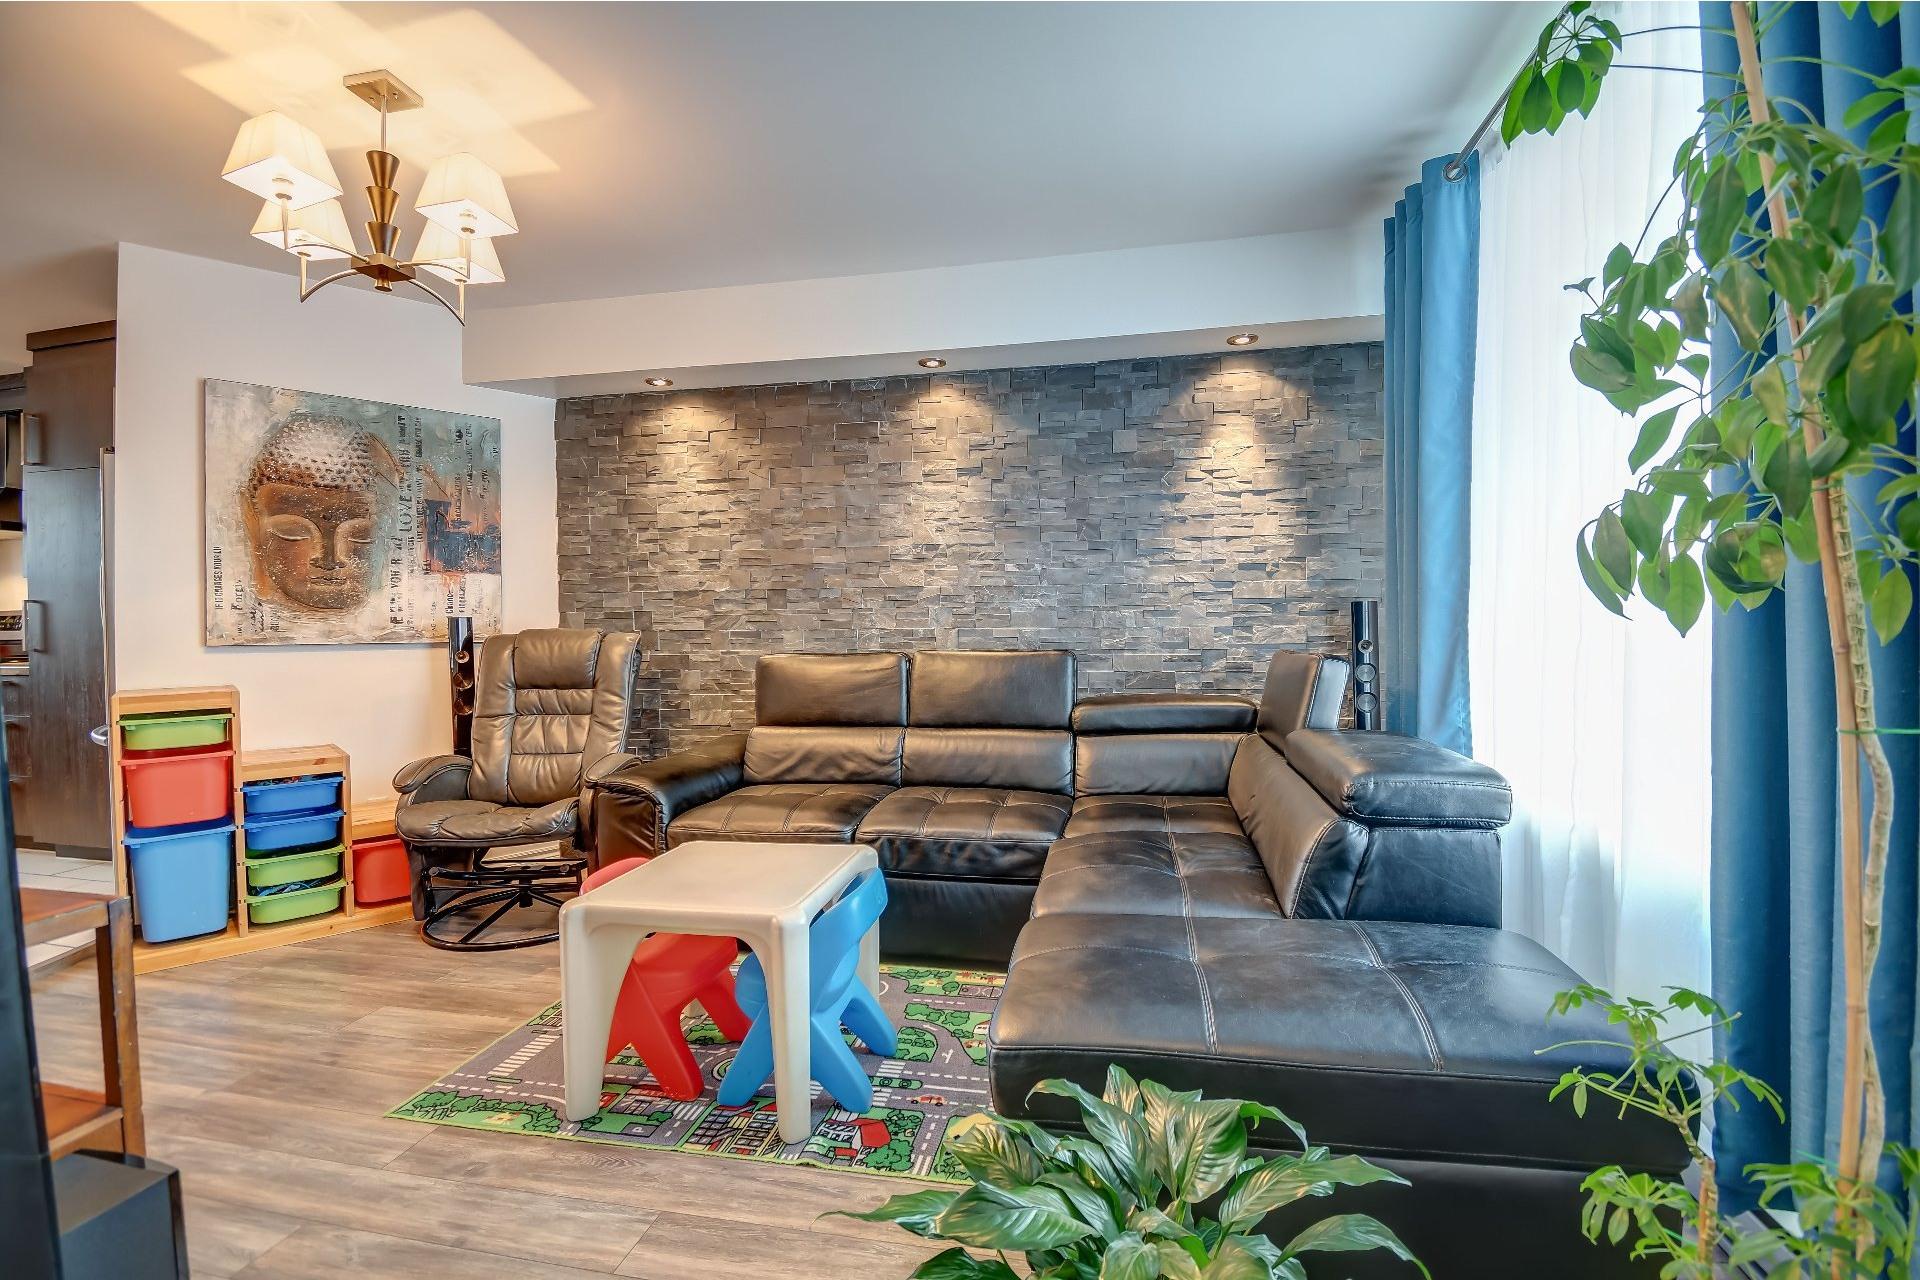 image 4 - Duplex À vendre Trois-Rivières - 3 pièces